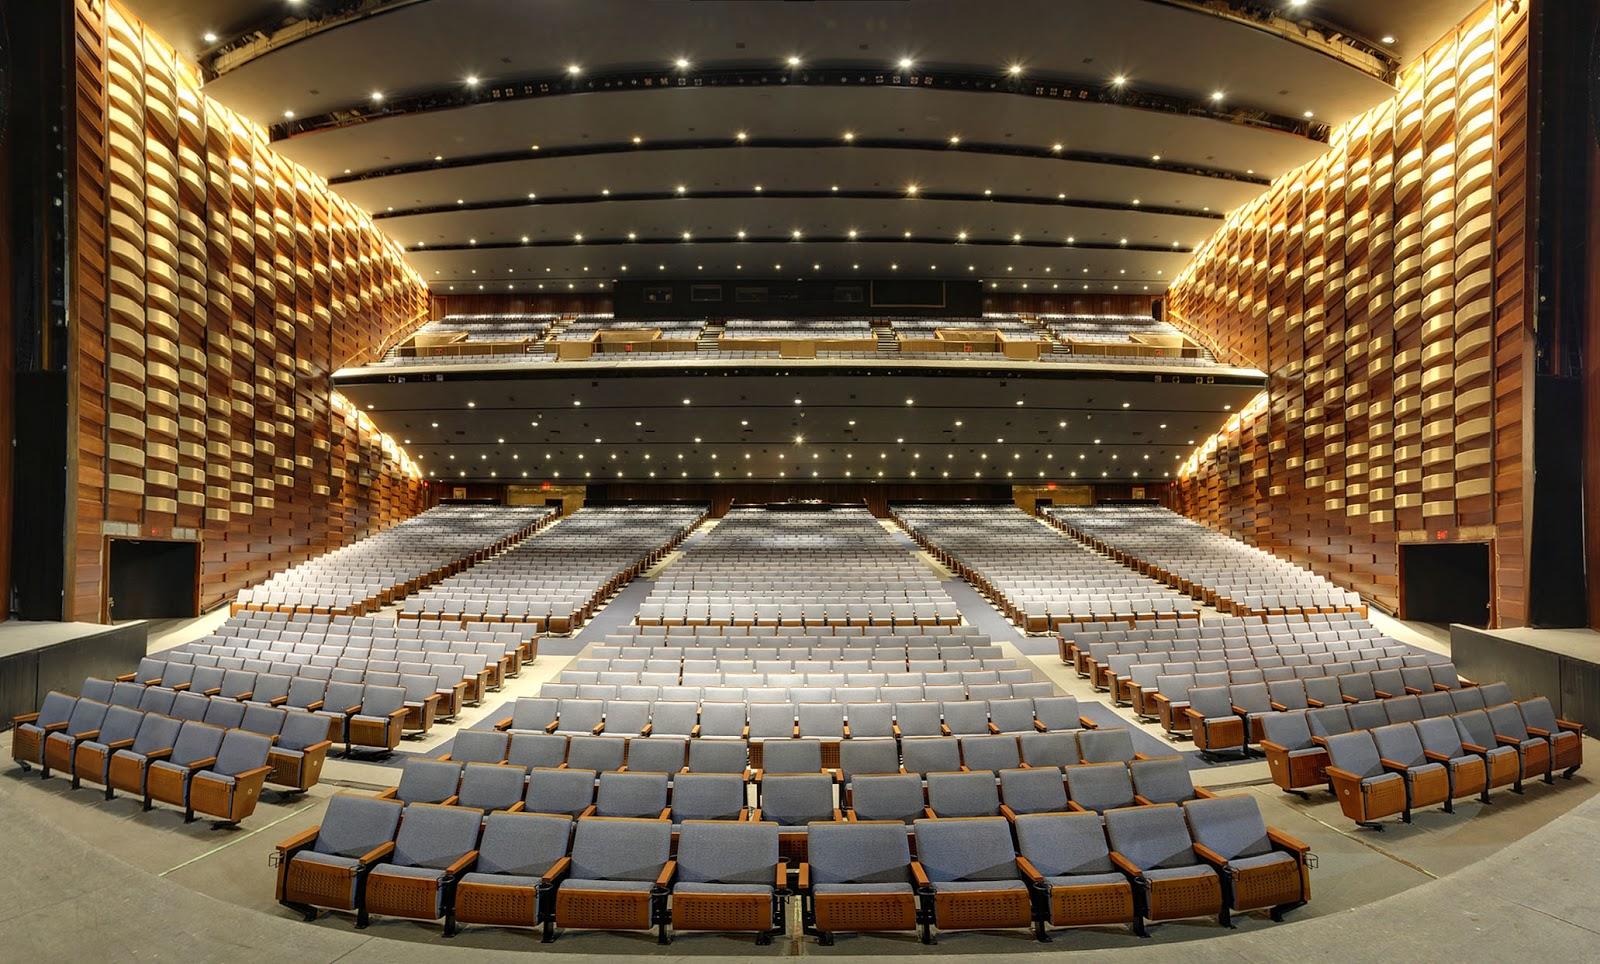 Torontos Best Concert Venues 2012